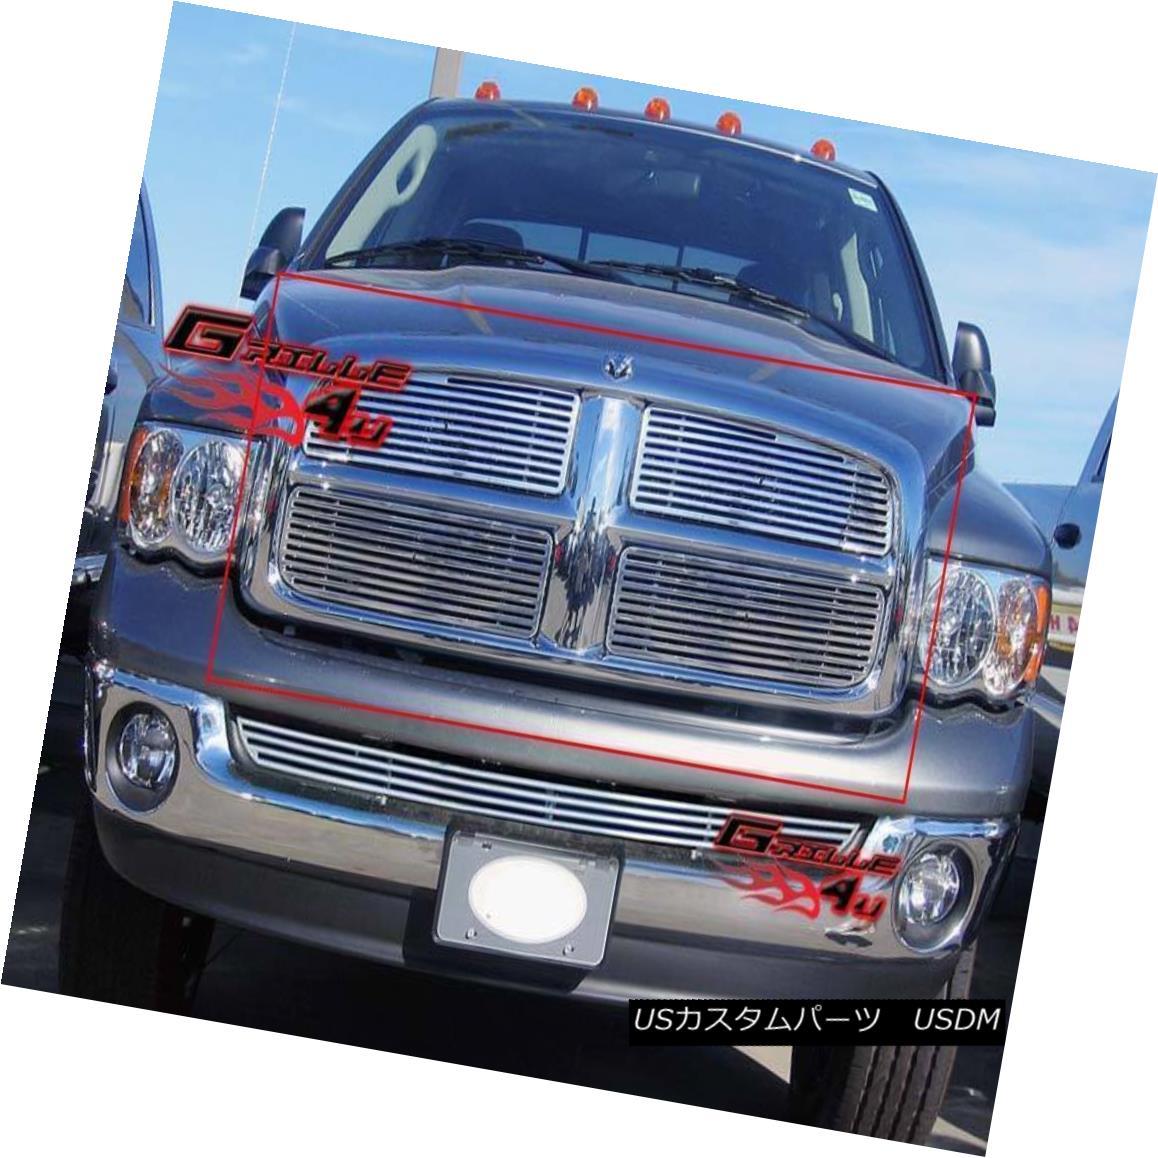 グリル Fits 2002-2005 Dodge Ram Perimeter Grille Insert 2002-2005 Dodge Ramペリメーターグリルインサートに適合